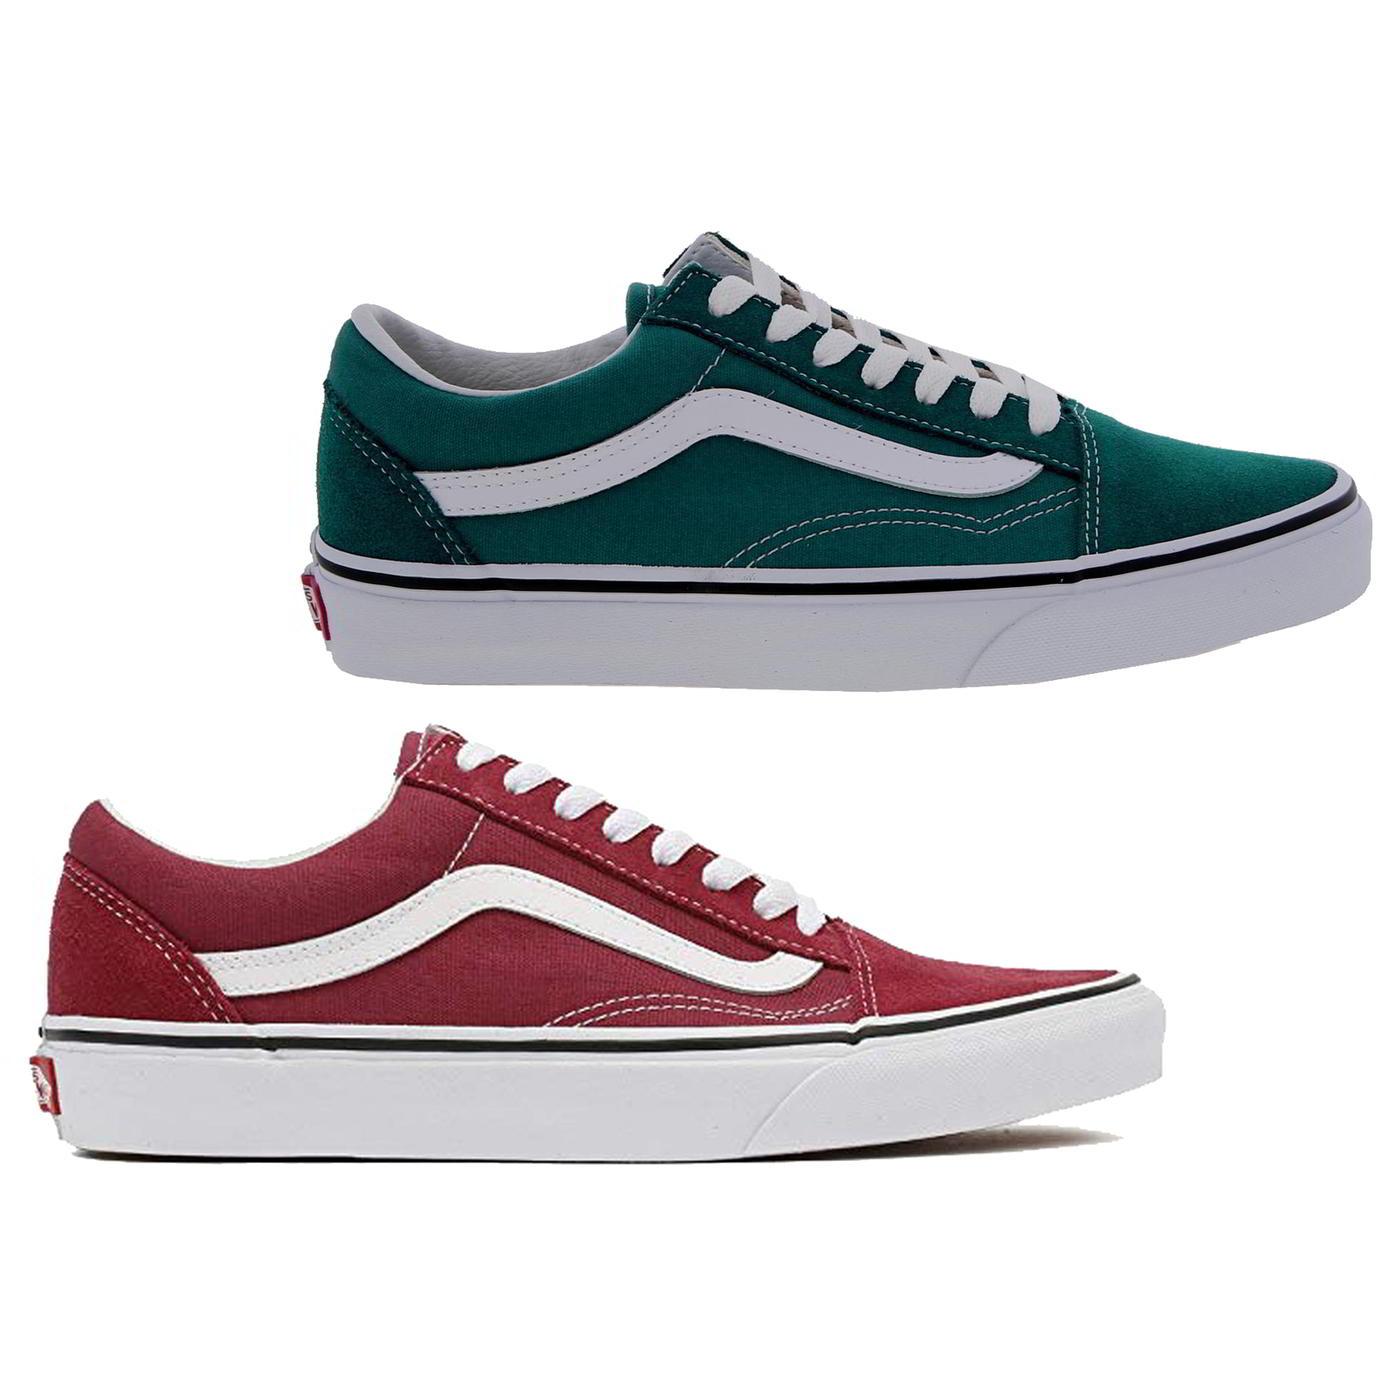 e7ea06521e5c9 Dettagli su Vans Old Skool Sneaker da donna verde e rosso Lacci Scarpe Da  Ginnastica Da Skate Scarpe Misura 4-7- mostra il titolo originale